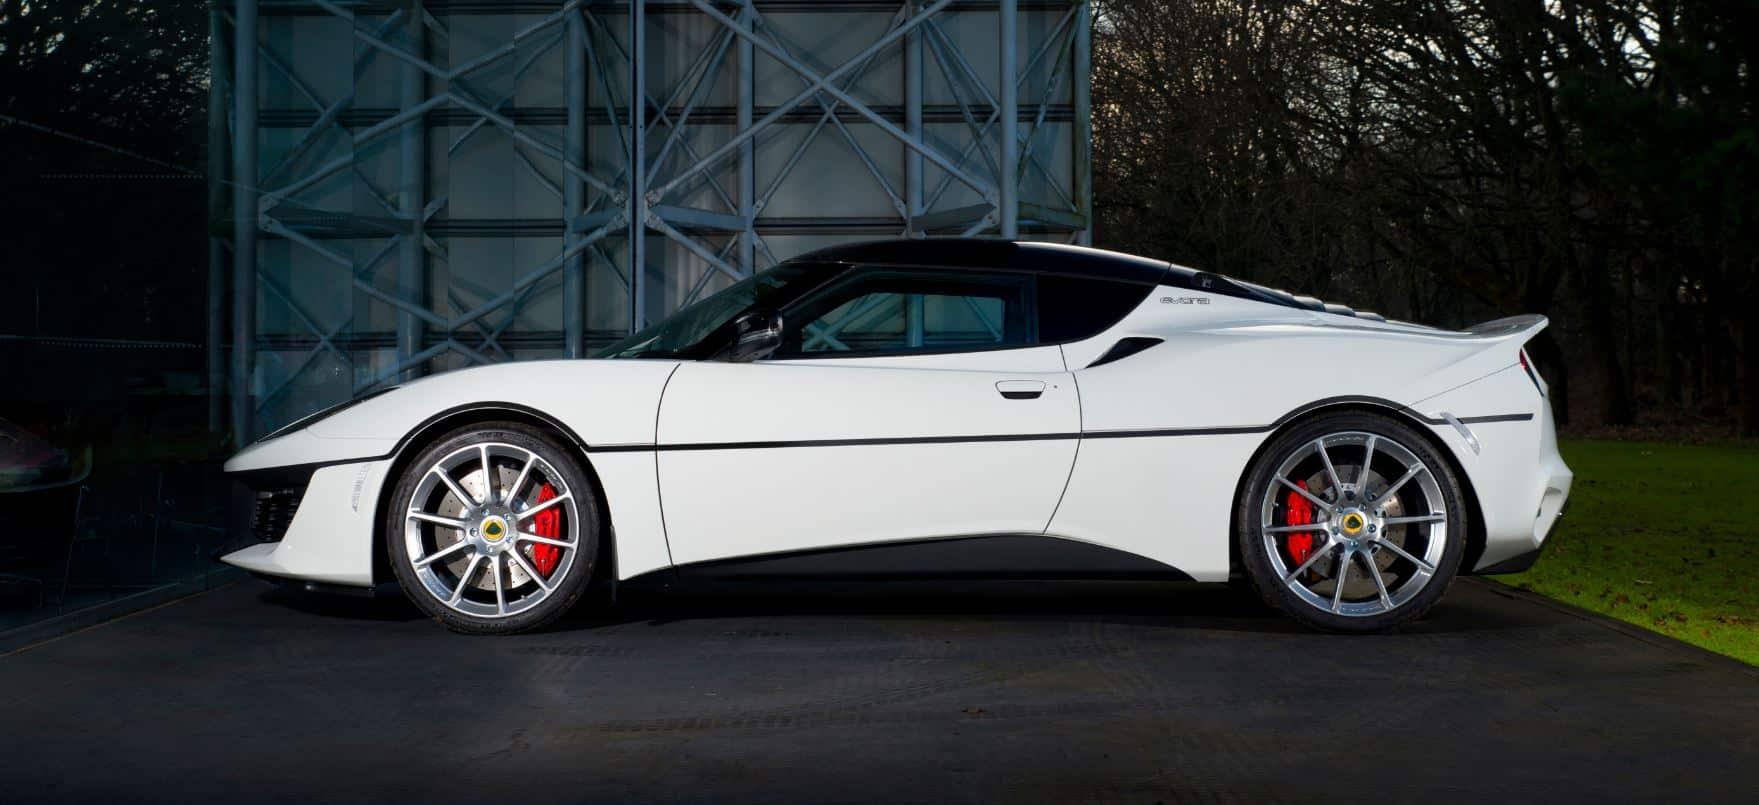 1 Lotus Evora Sport 410 honours iconic Esprit S1